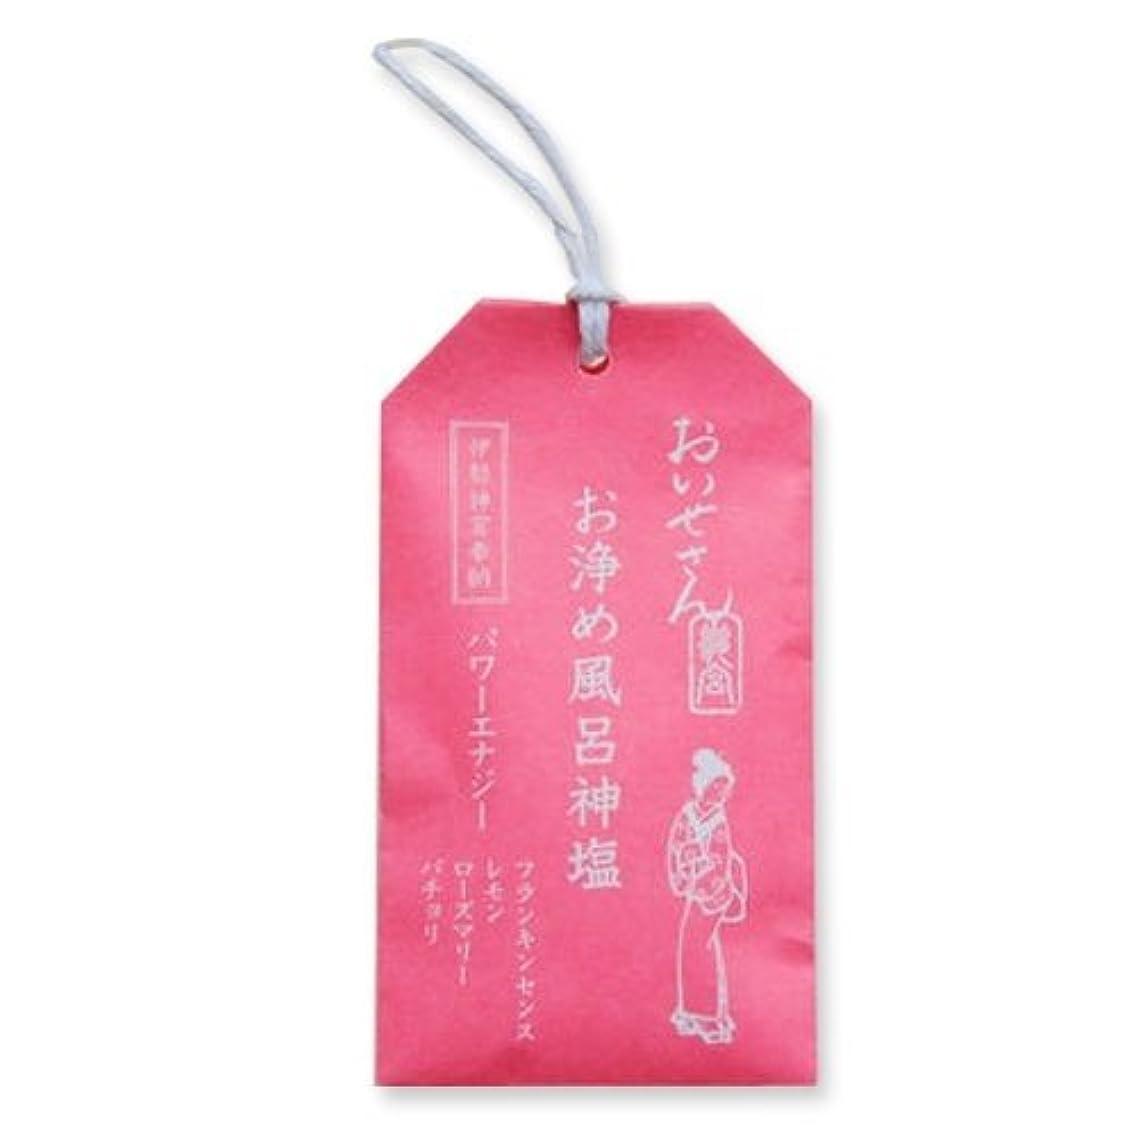 スパン一口広大なおいせさん お浄め風呂神塩 バス用ソルト(パワーエナジー) 20g